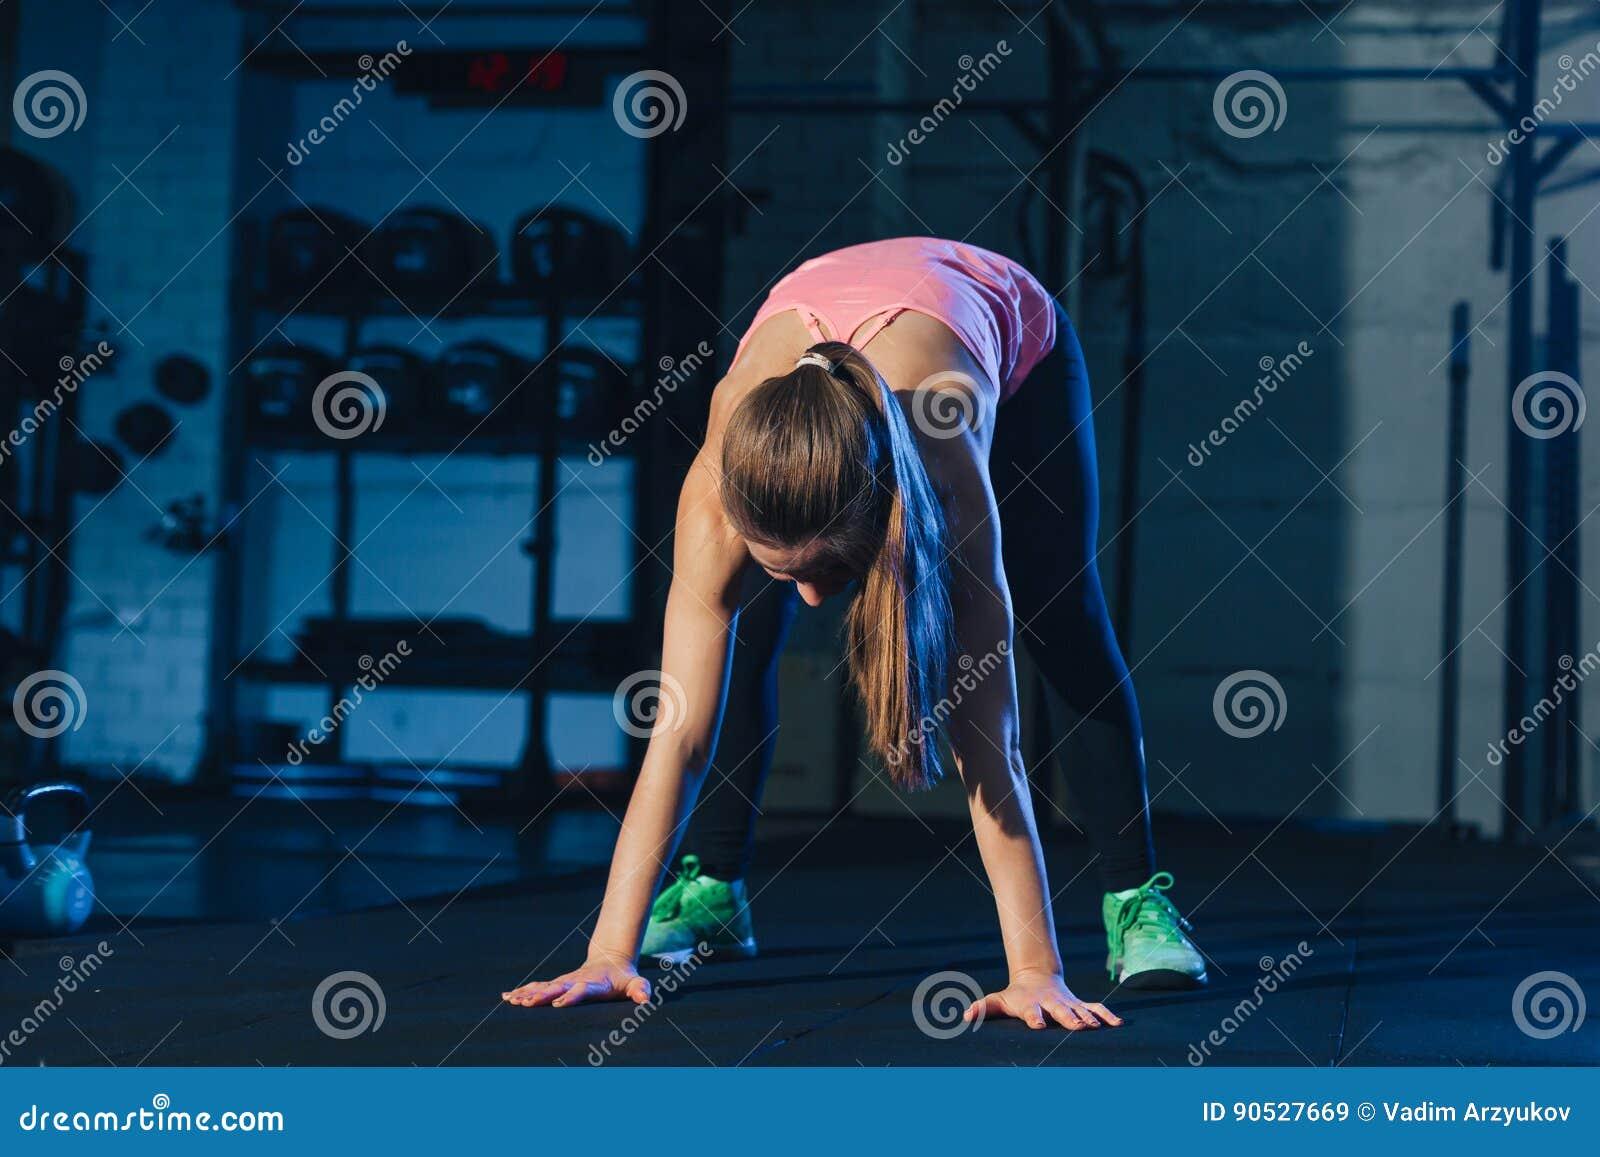 Mulher apta no sportswear colorido que faz burpees em uma esteira do exercício em um tipo industrial sujo espaço